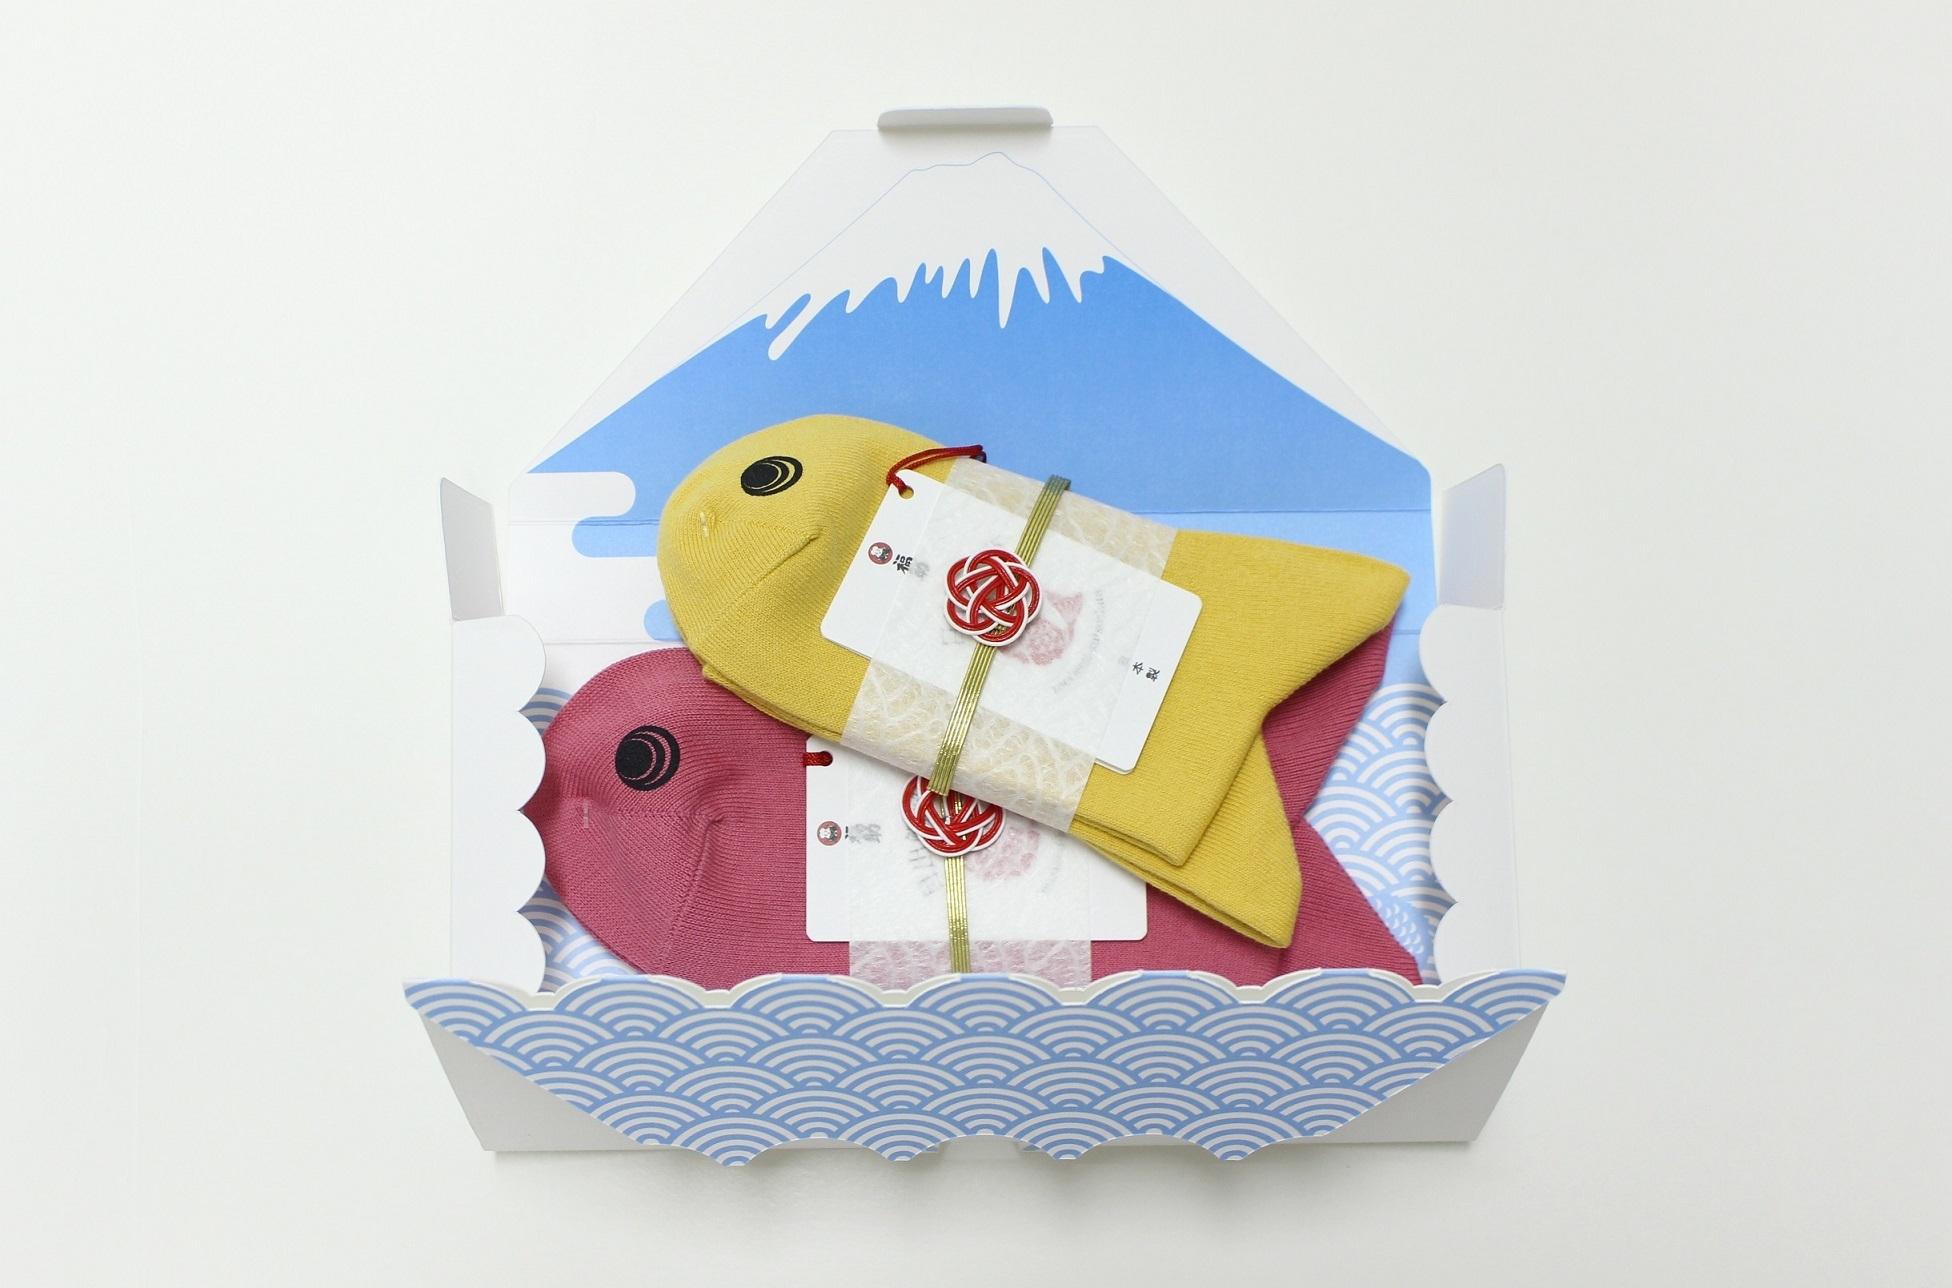 富士山をイメージした専用ギフトボックスもオプションとして選ぶことができる